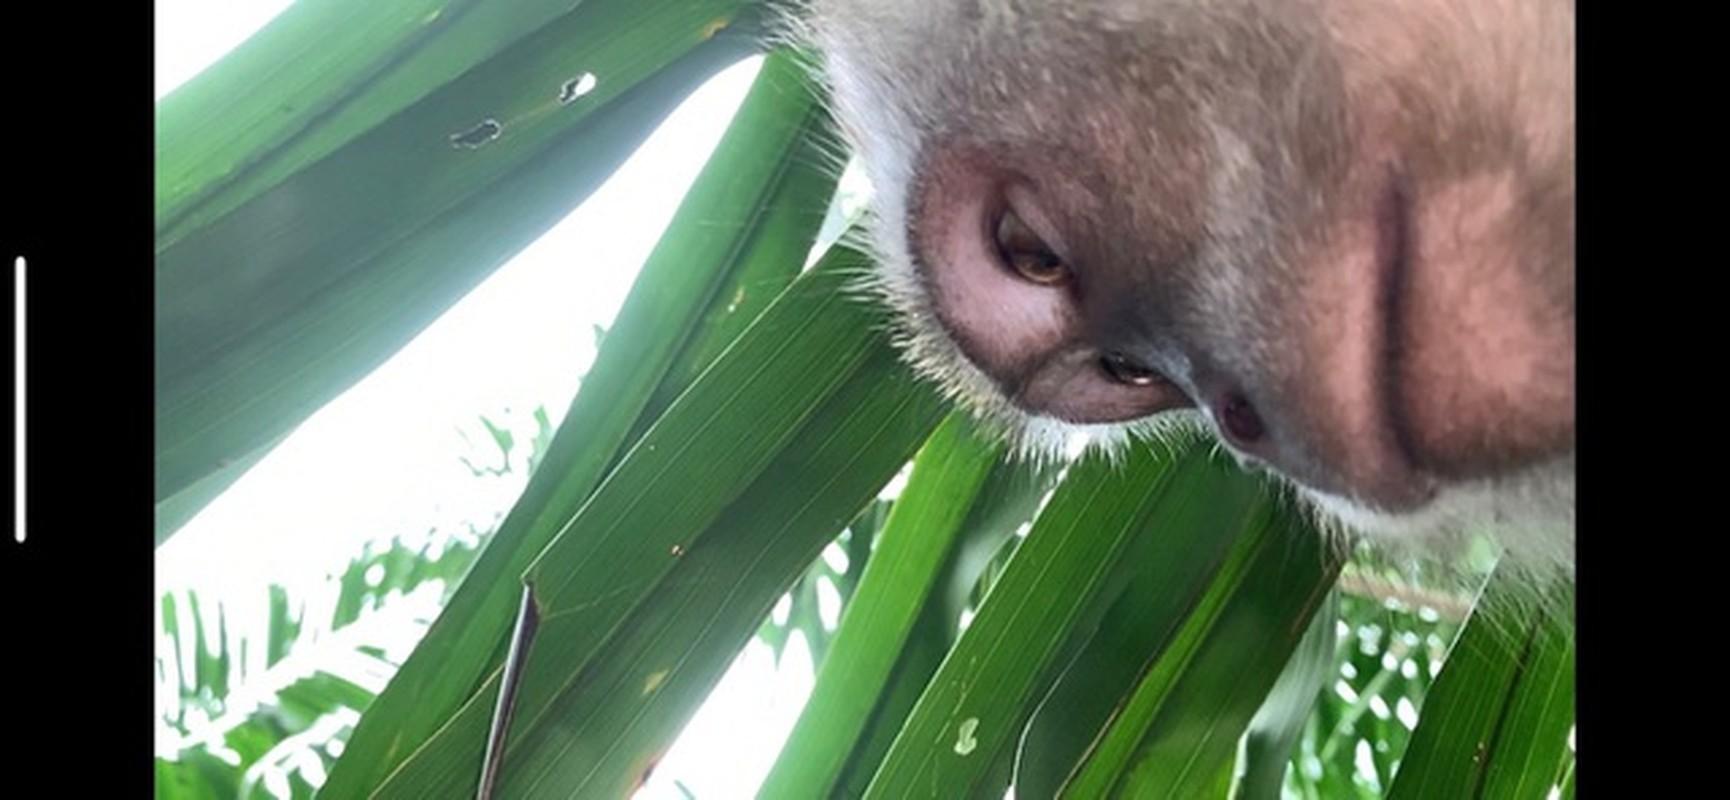 """Ta hoa phat hien anh selfie cua """"ke trom"""" trong iPhone bi danh cap-Hinh-7"""